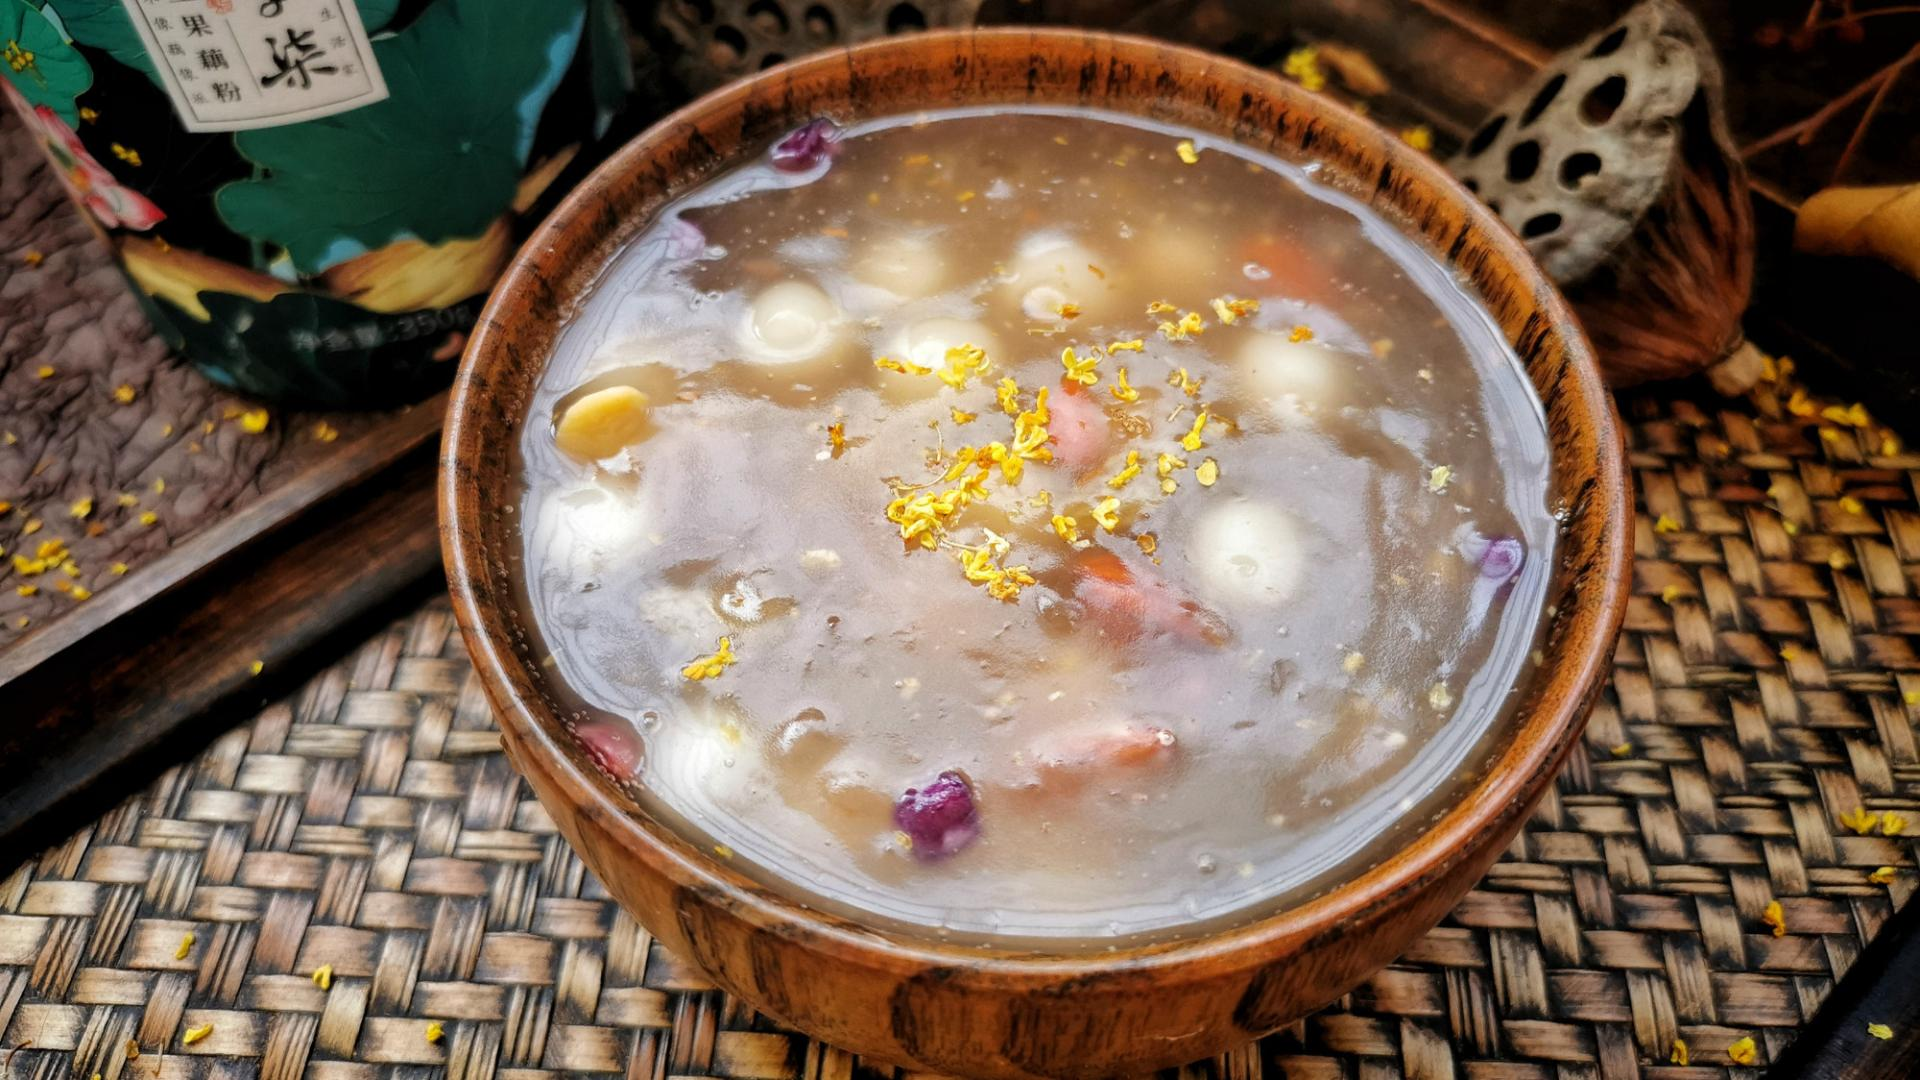 10斤藕出1斤藕粉,用来做藕粉圆子,软糯清香,每天一碗气色好